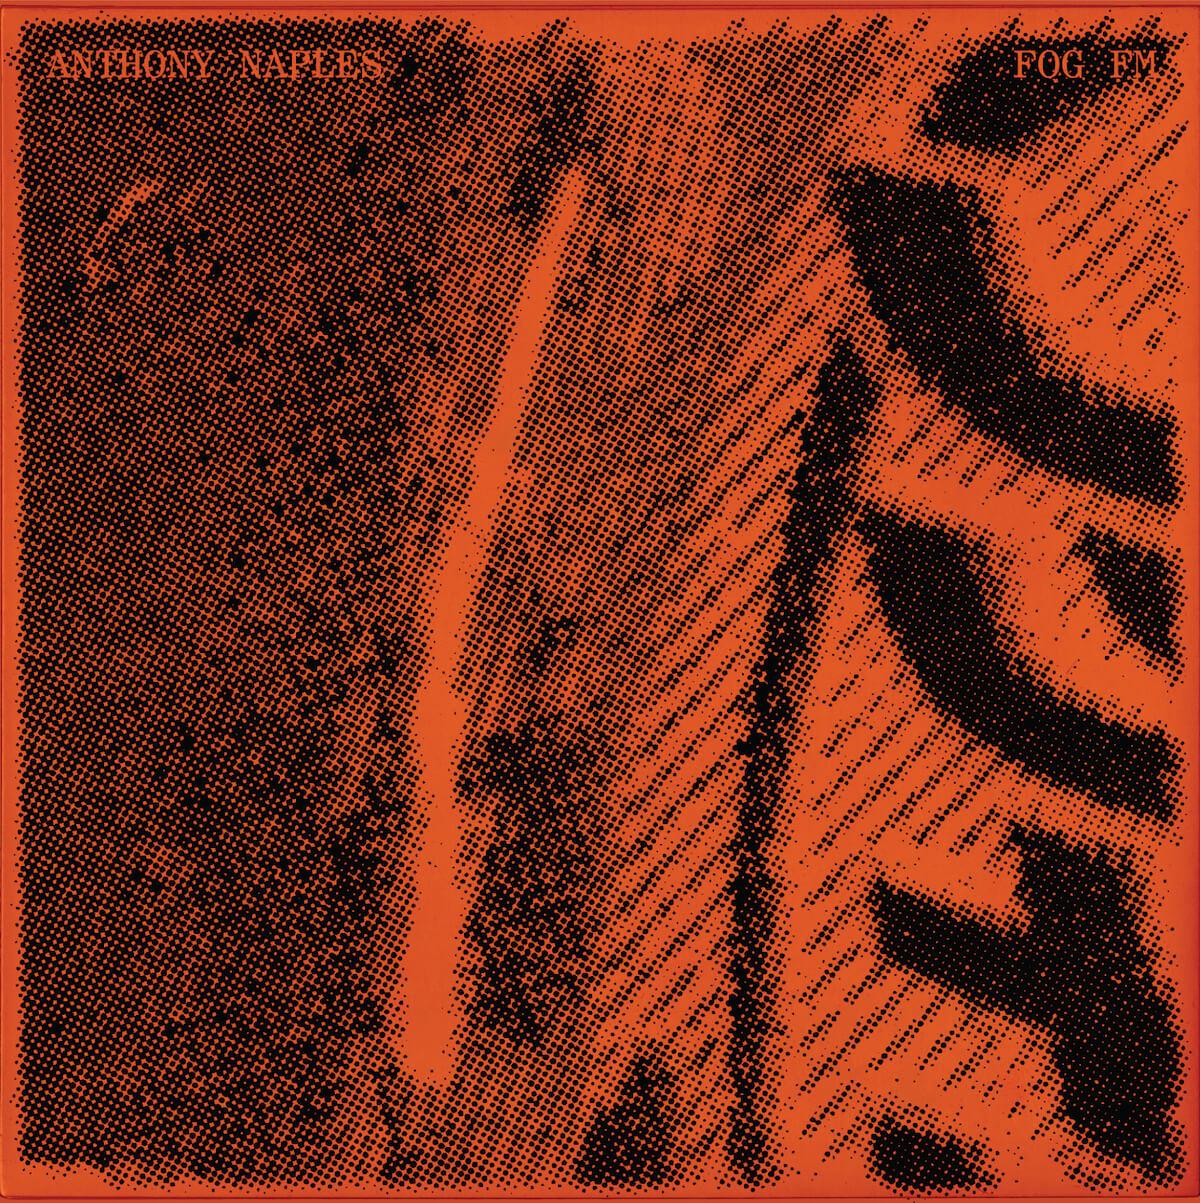 Anthony Naples - FogFM